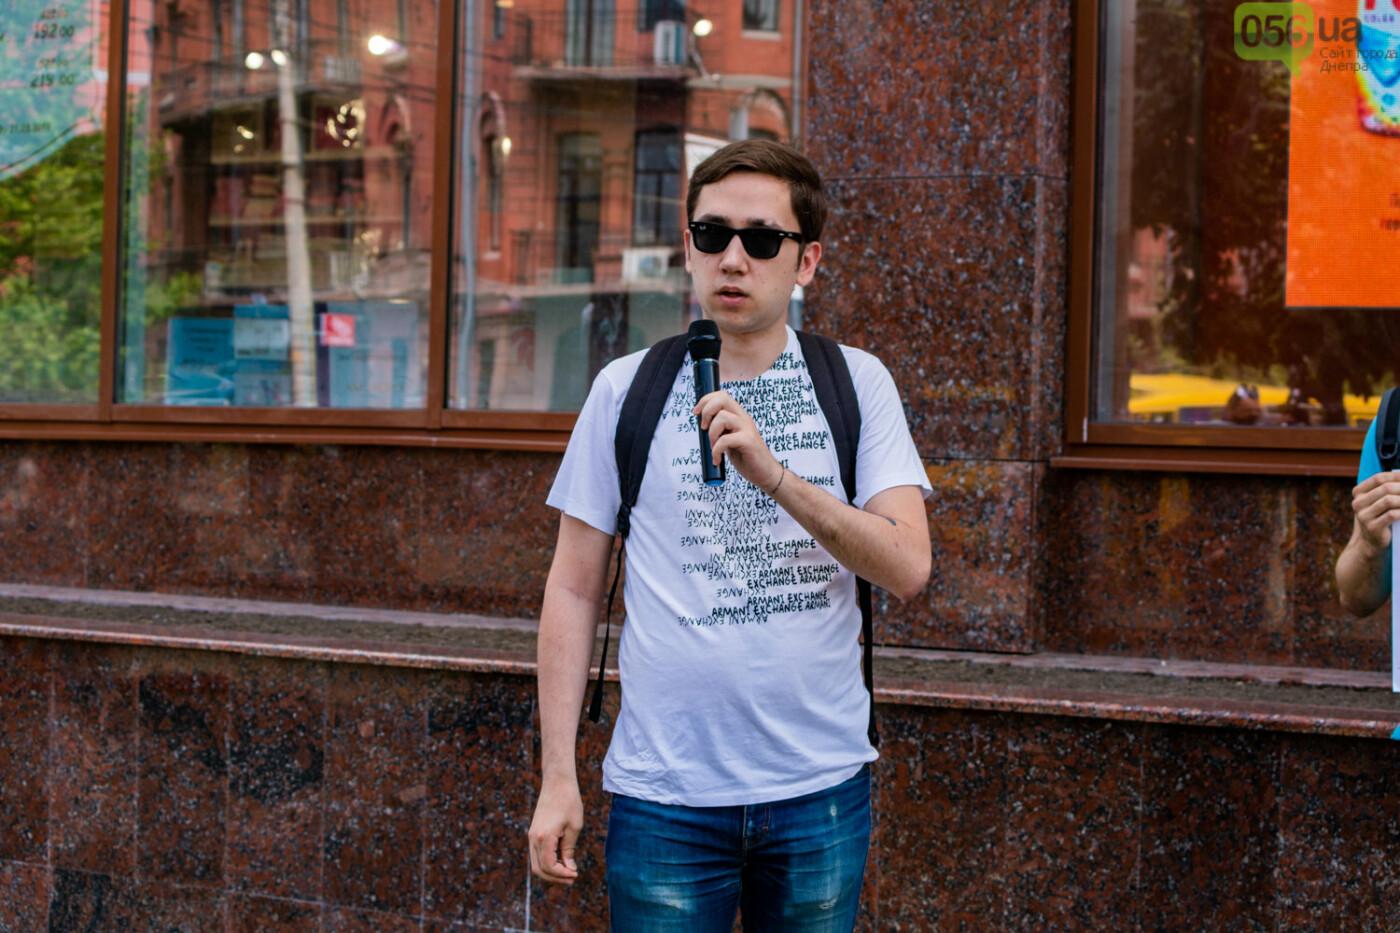 Фаера, плакаты и активисты: в центре Днепра прошла акция «Хто замовив Катю Гандзюк?», - ФОТОРЕПОРТАЖ, фото-1